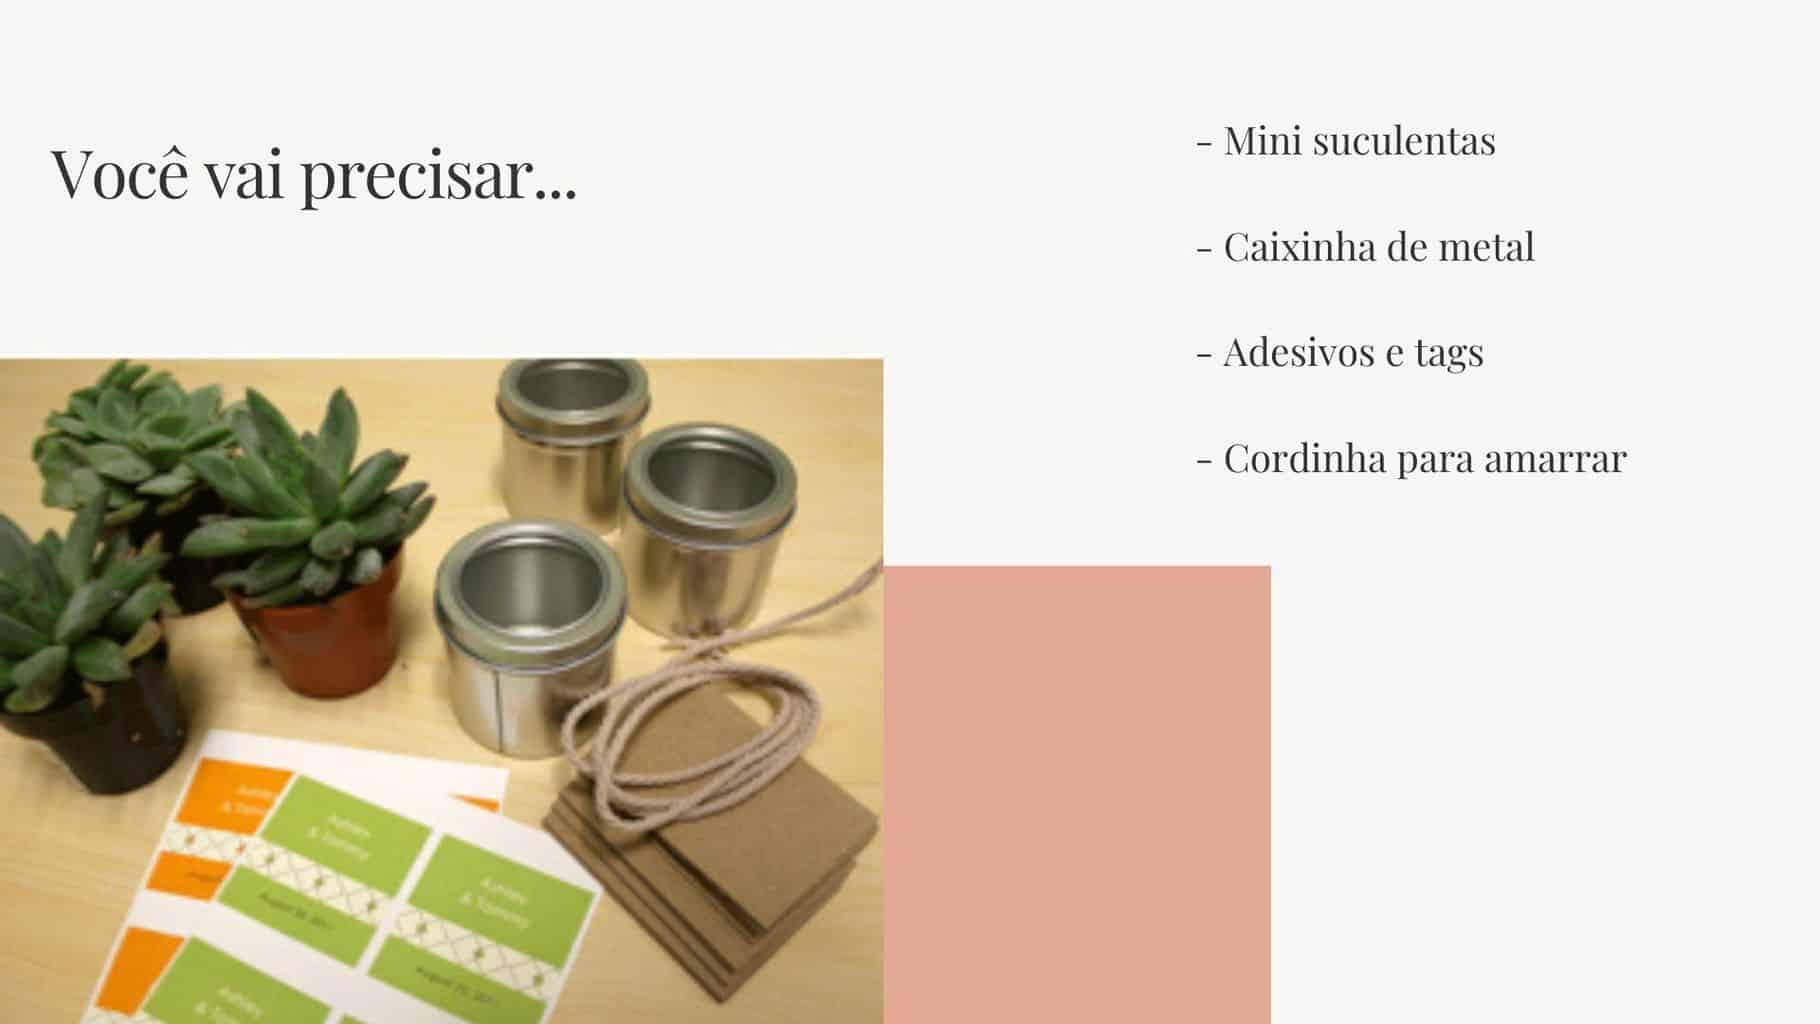 DIY-mini-suculentas-lembracinha-de-casamento-2